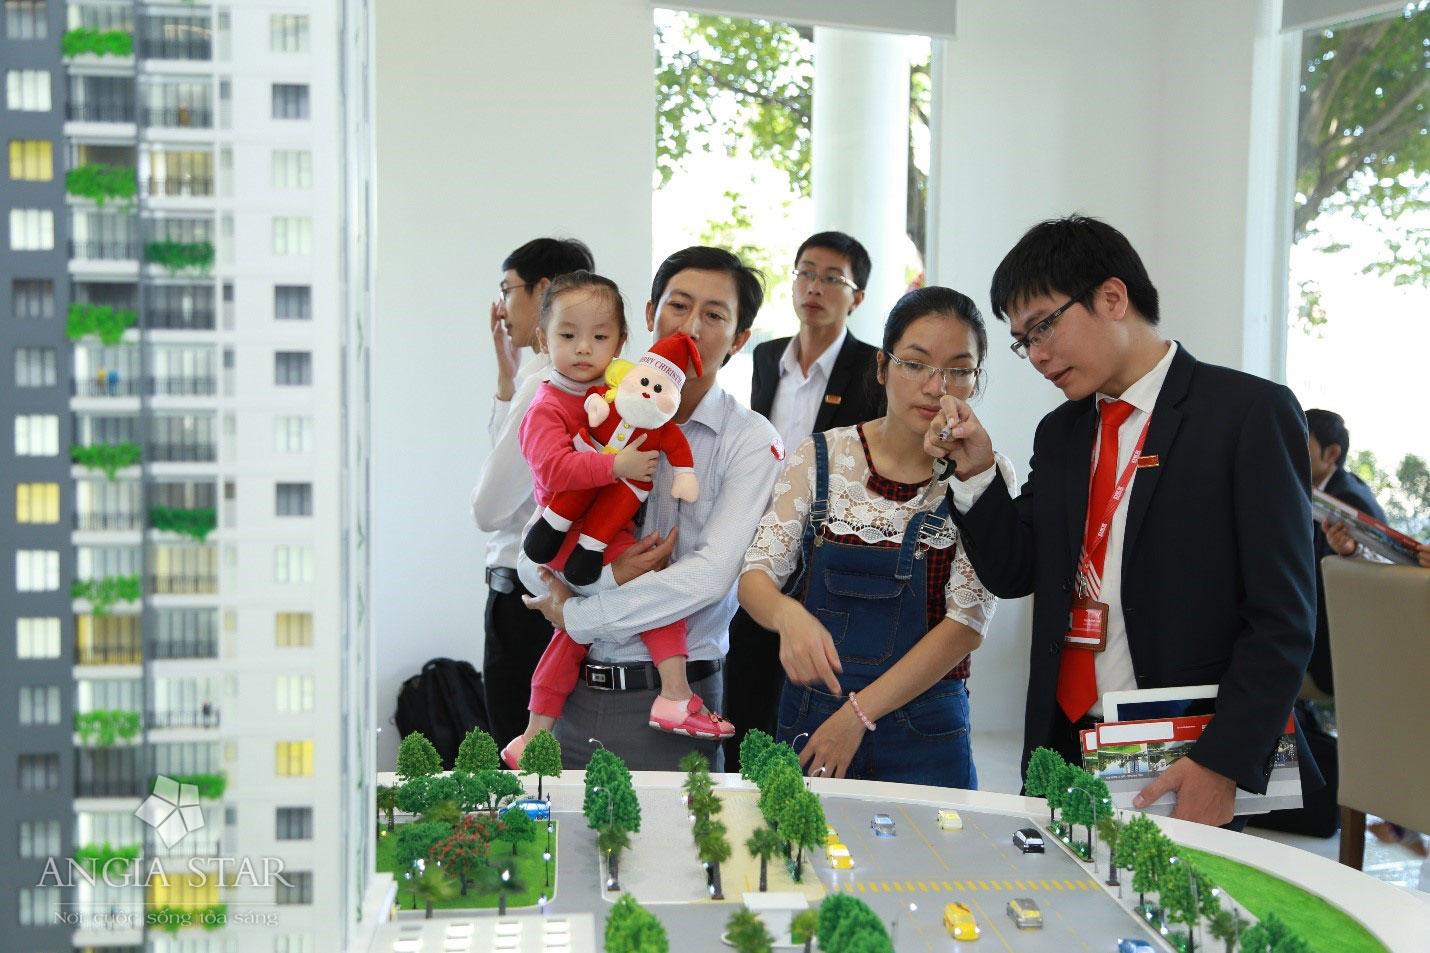 Muốn thị trường BĐS sôi động, hãy phát triển nhà ở phổ cập